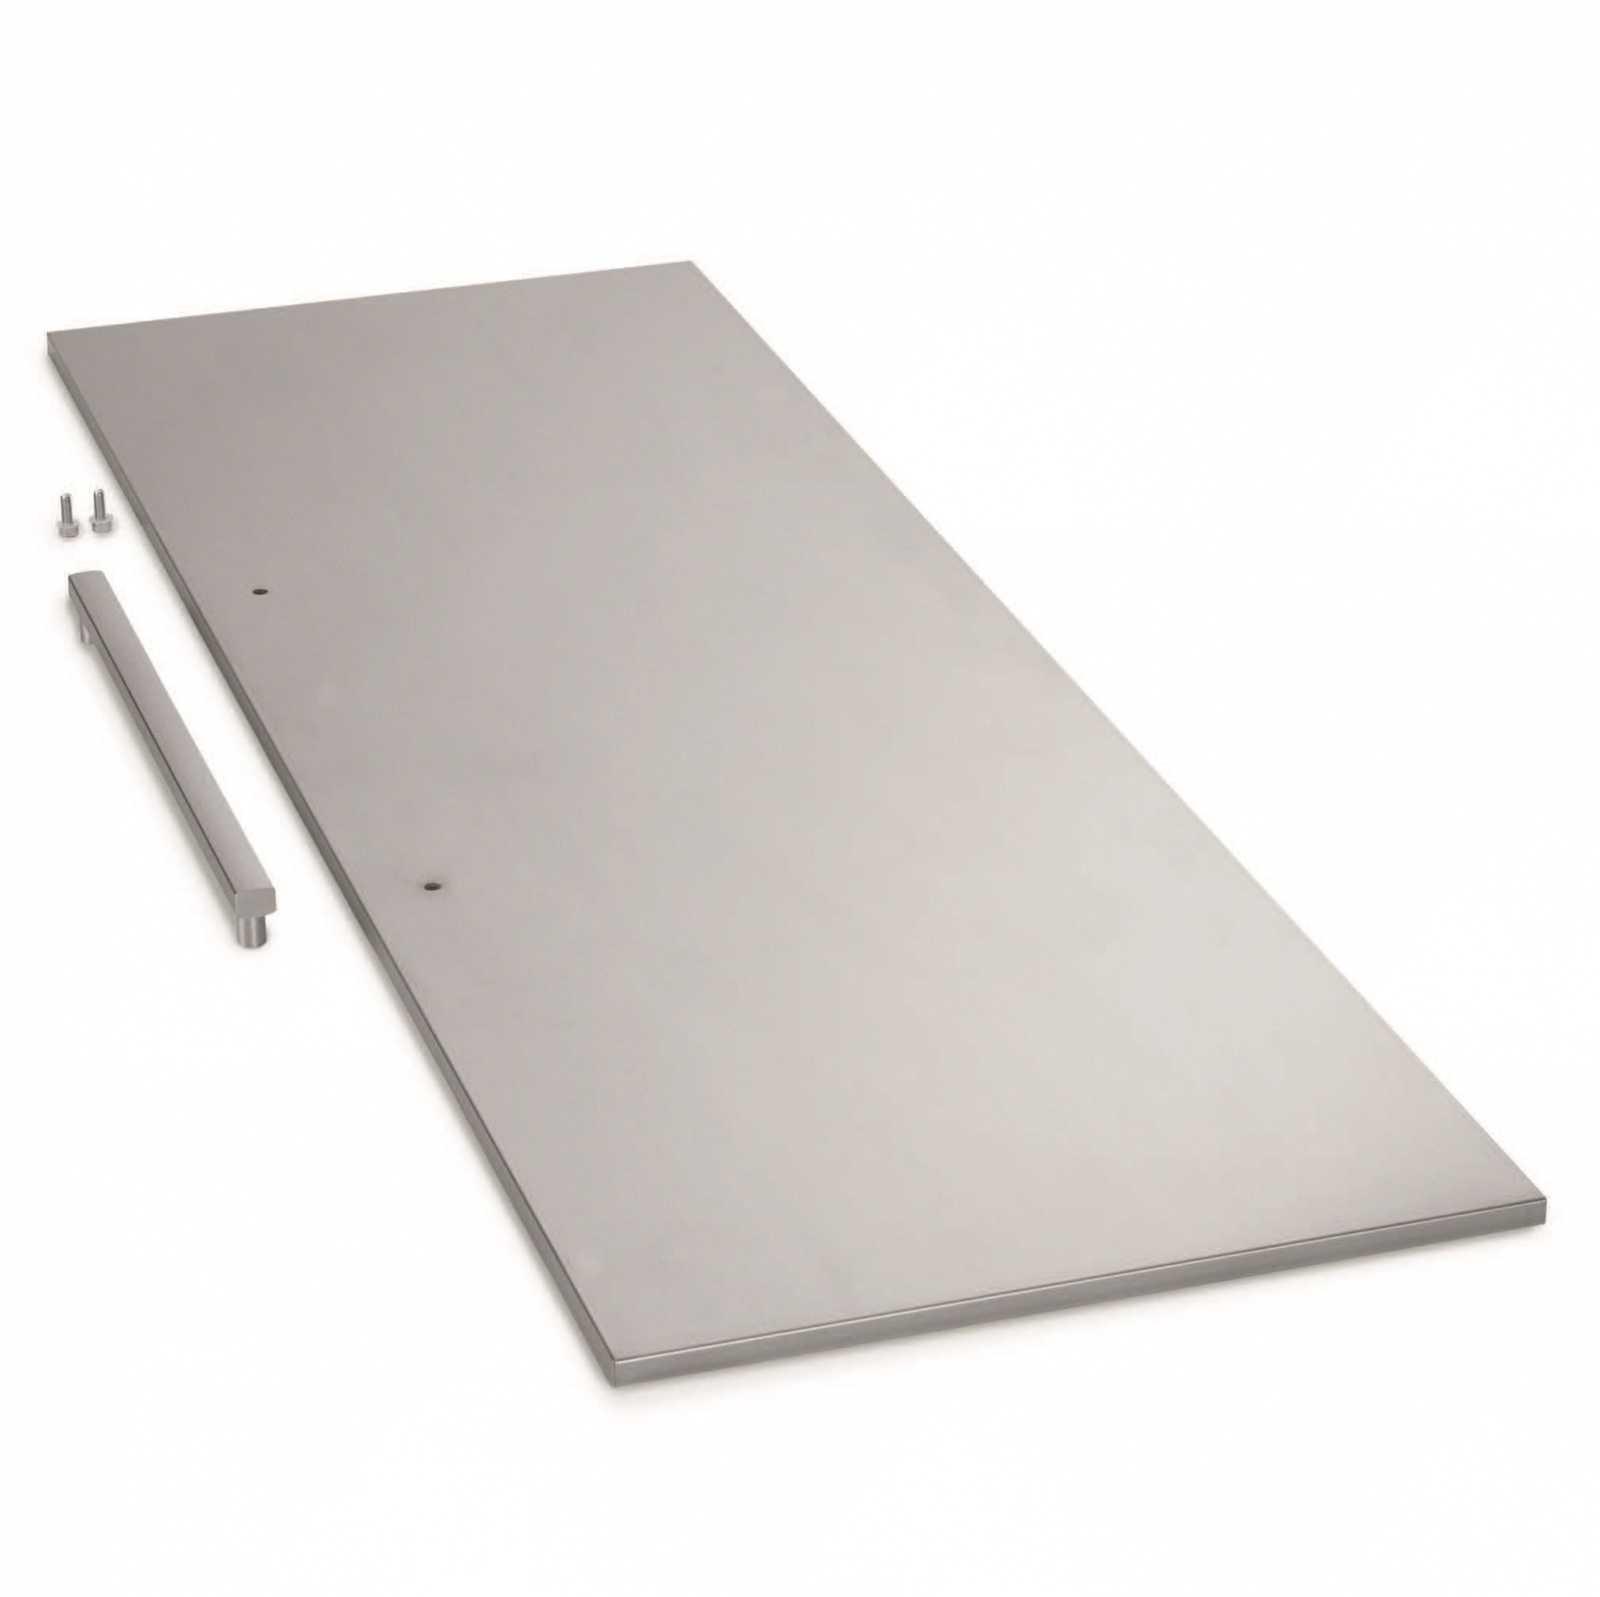 Панель из нержавеющей стали с ручкой (ниша: 178 см) купить украина